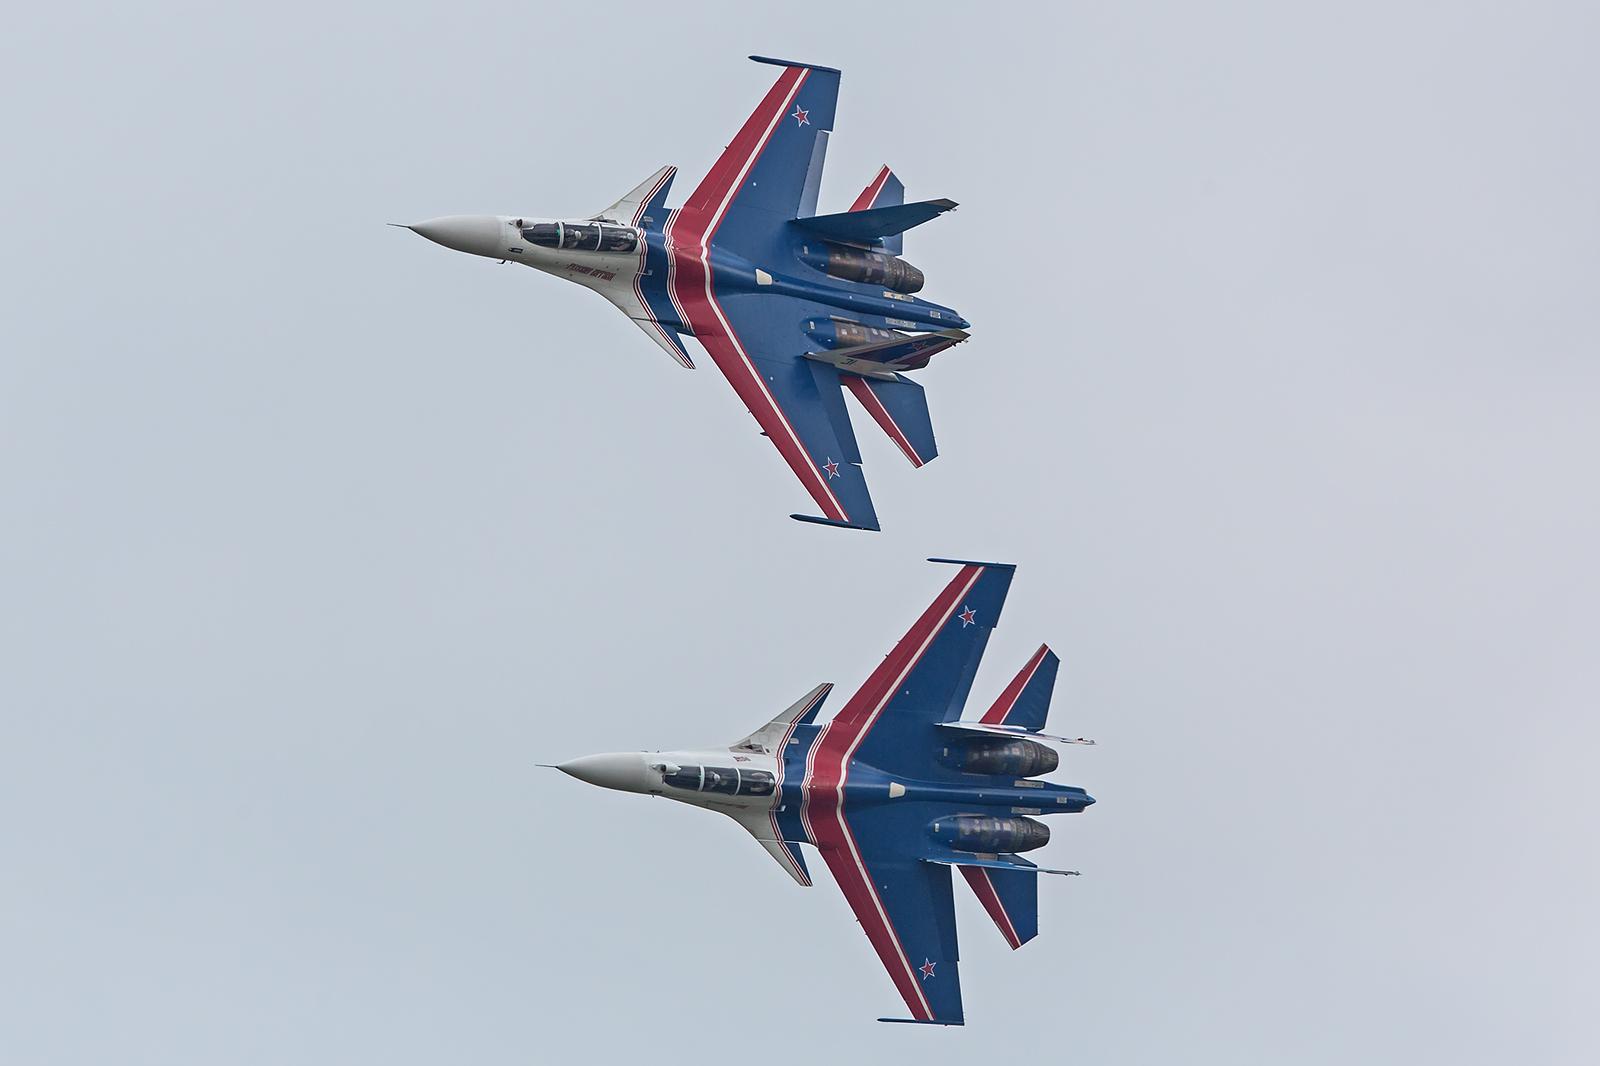 Zwei Su-30 in der Synchronrolle.